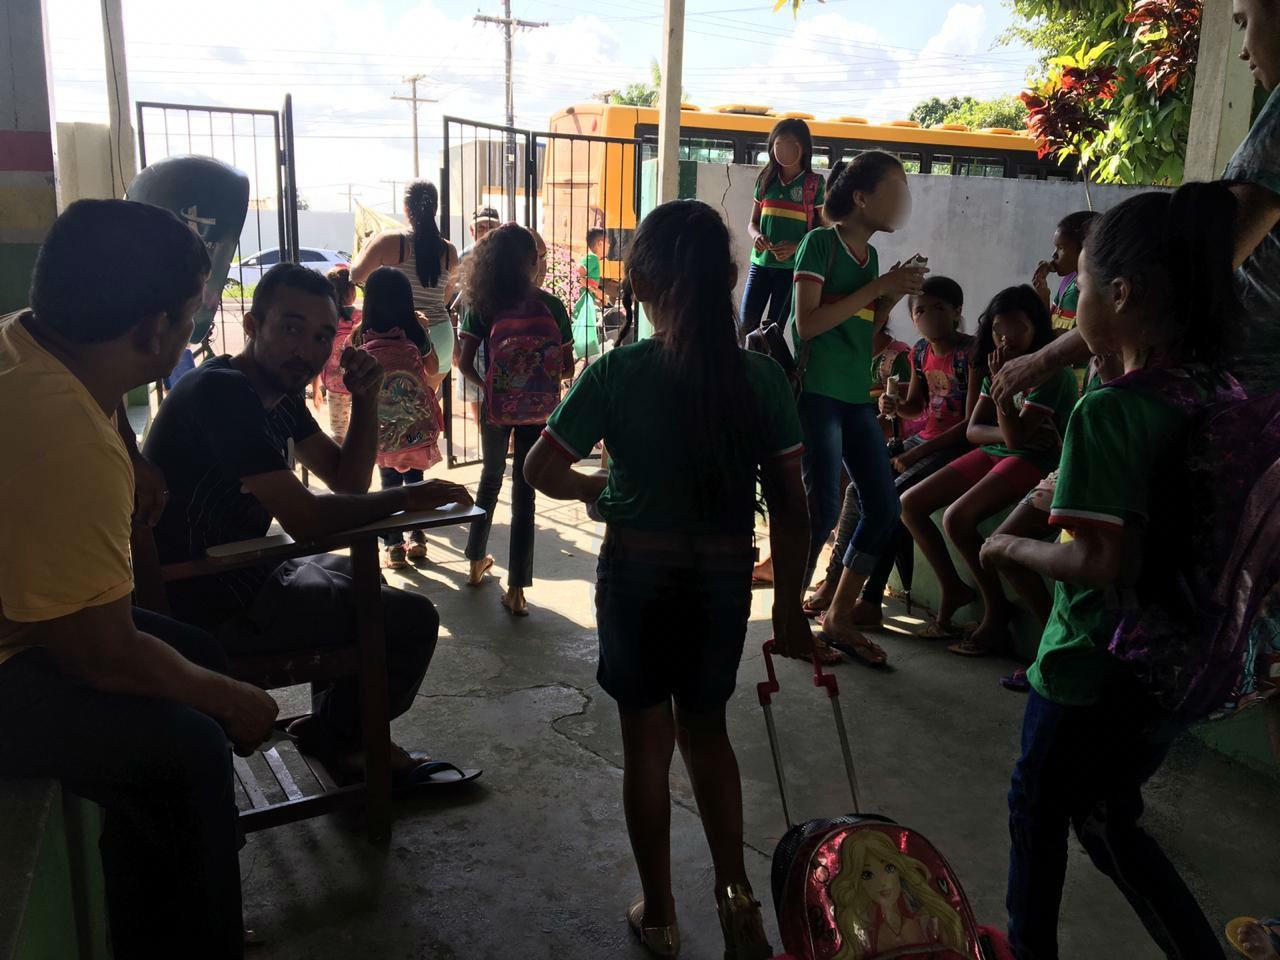 Escola libera alunos 2 horas mais cedo no AP devido calor causado por quedas constantes de energia - Notícias - Plantão Diário